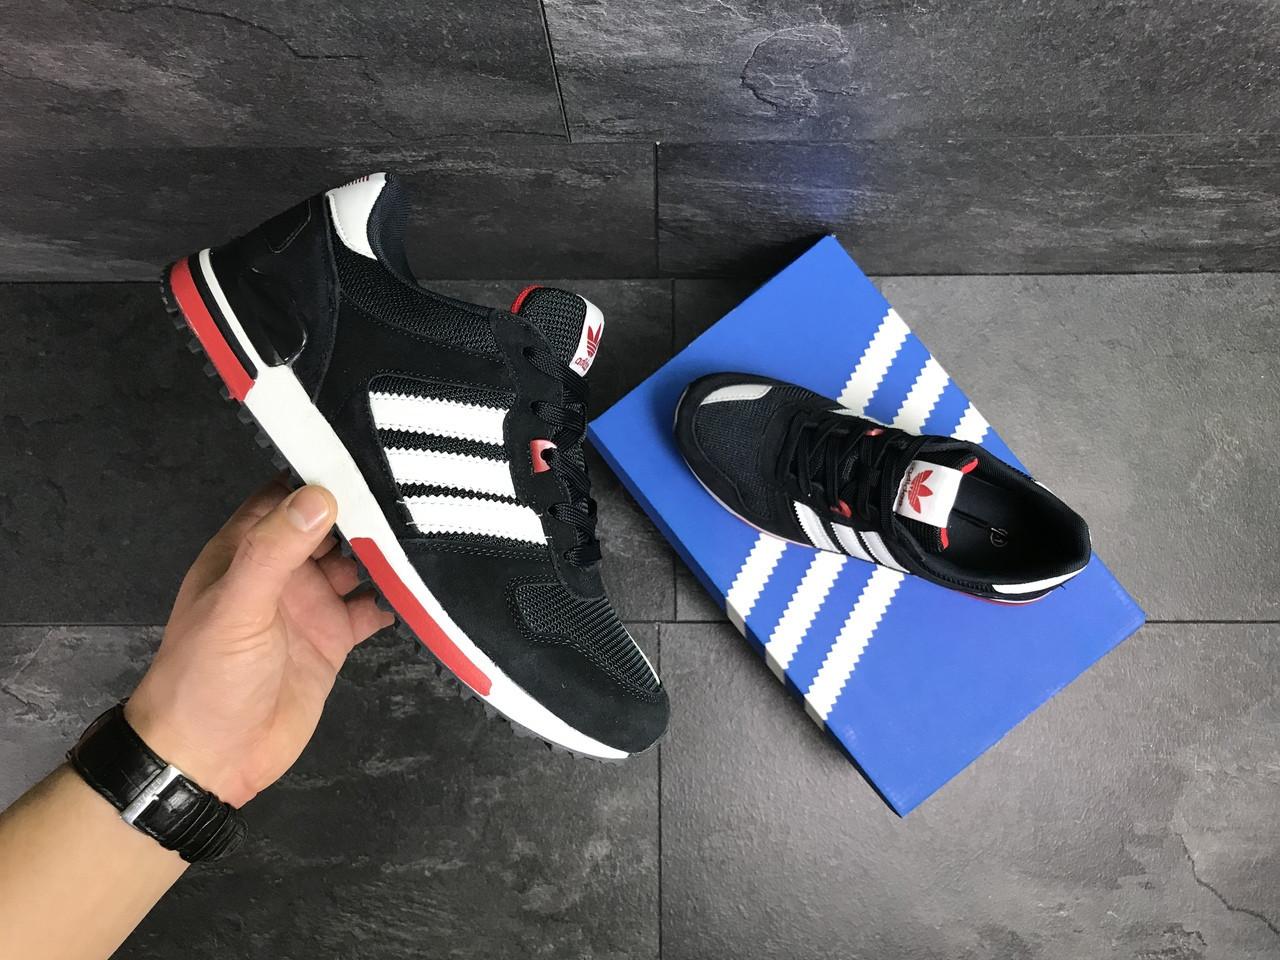 wholesale dealer 6842f 7889c ... Мужские кроссовки Adidas ZX 700,замшевые,темно синие с белым, ...